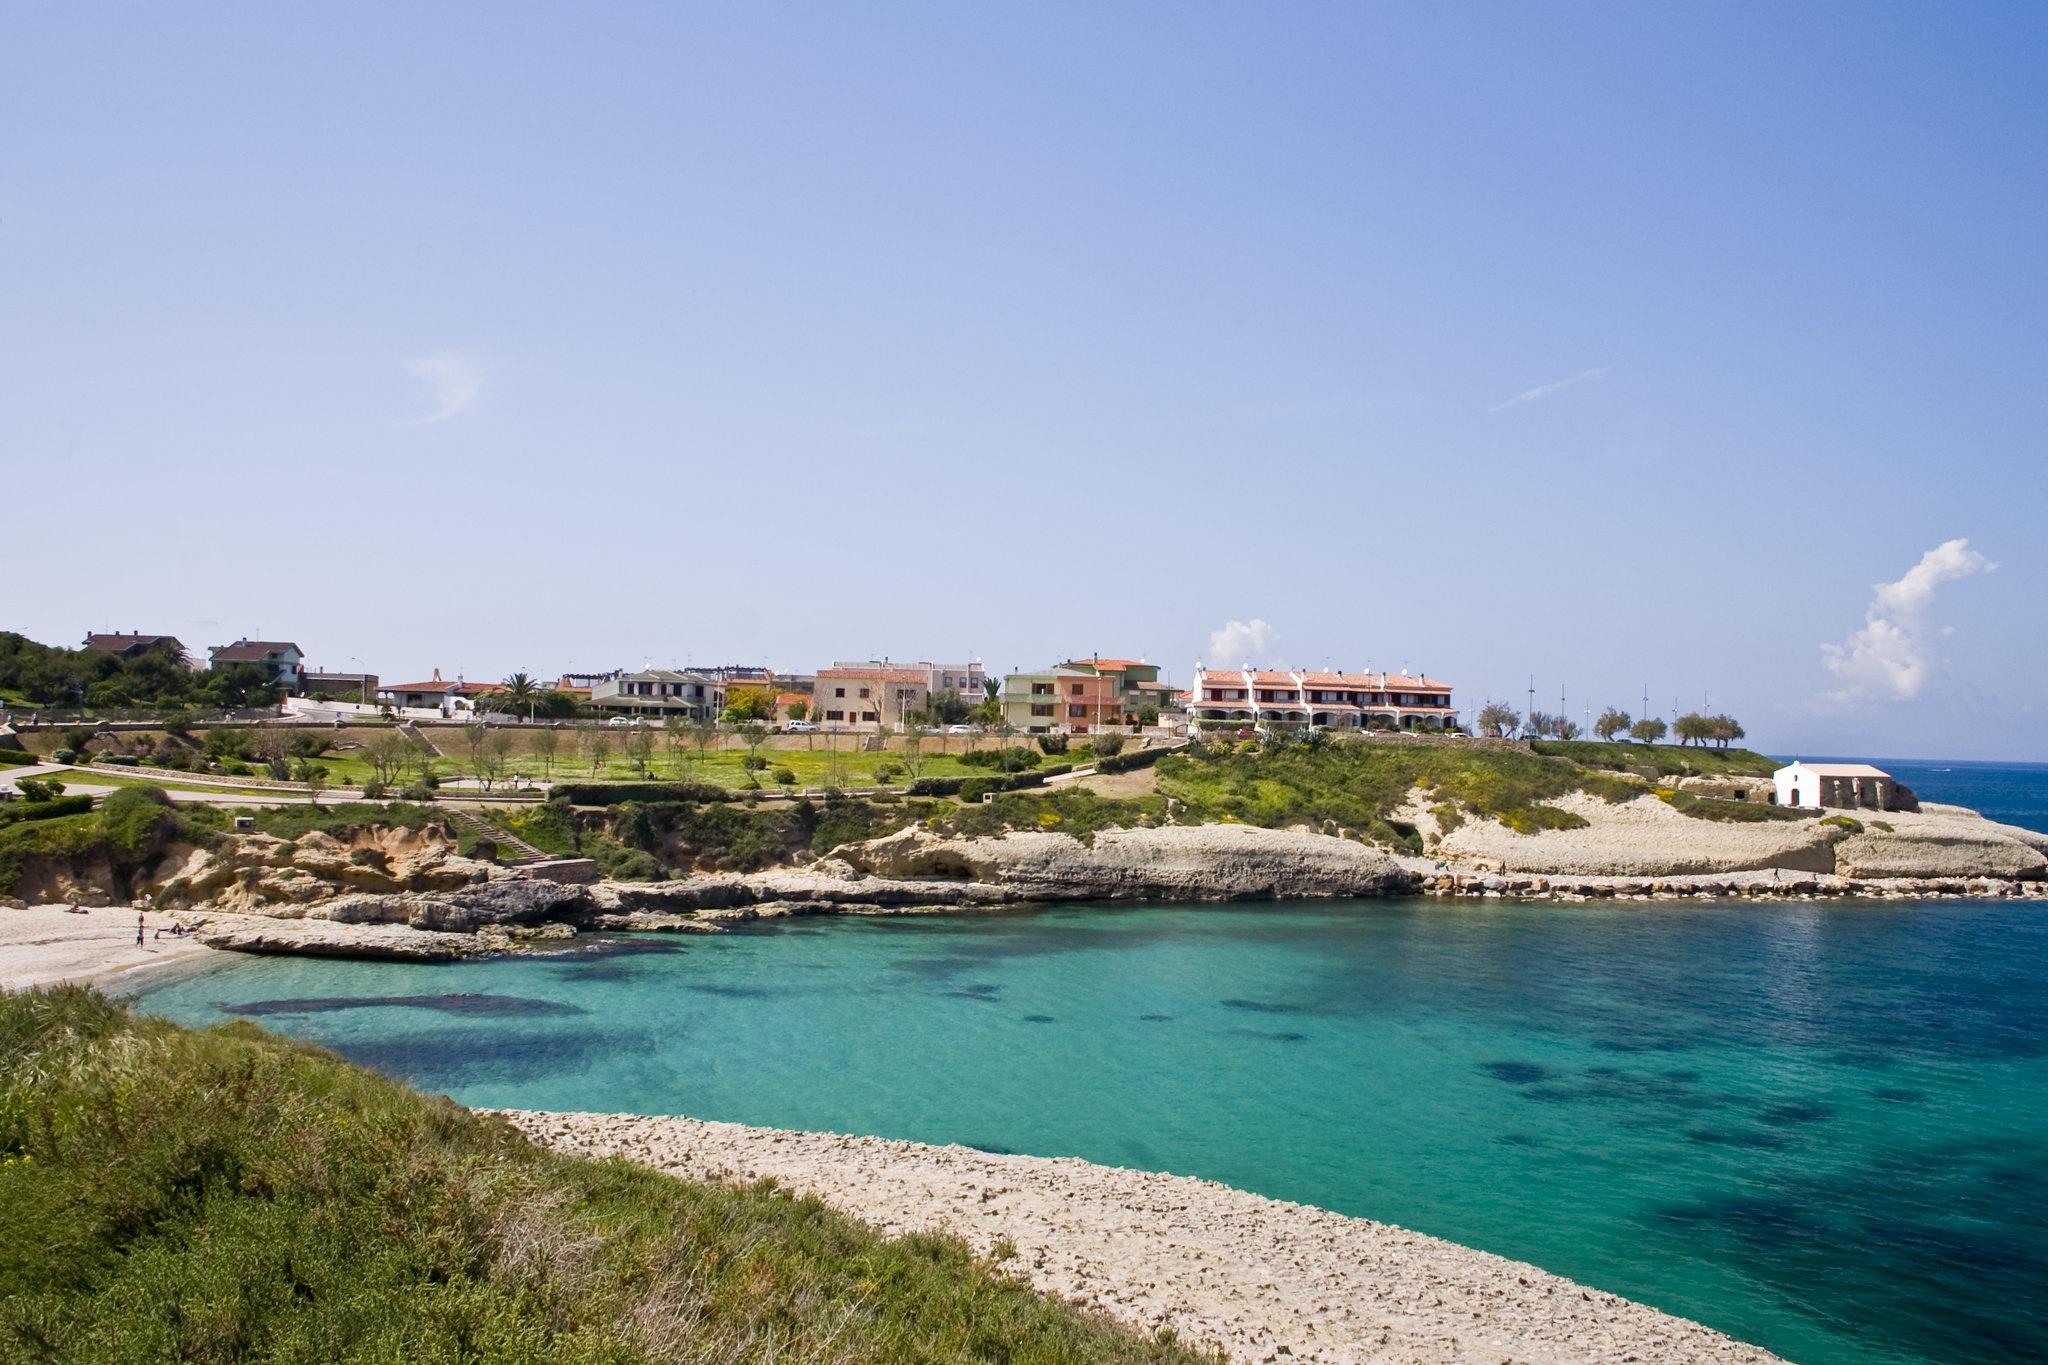 porto torres sardegna spiagge